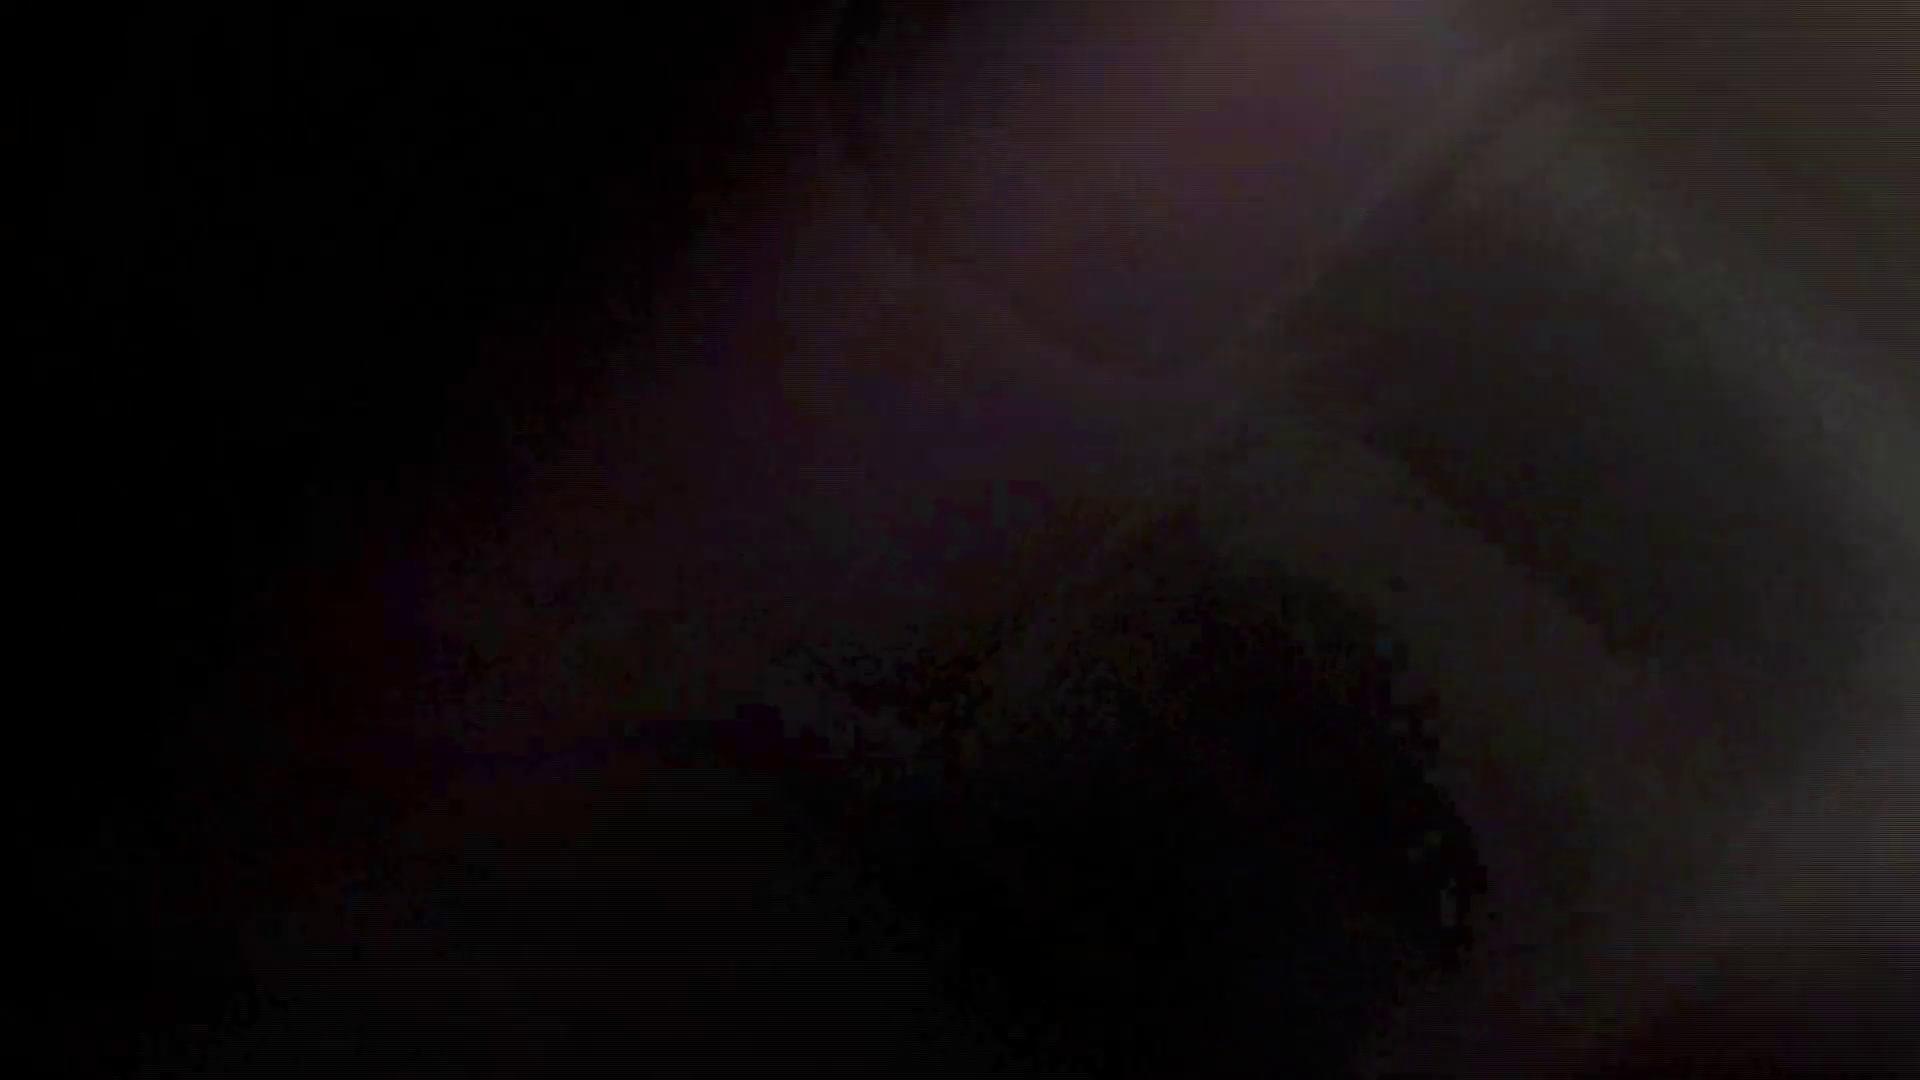 美しい日本の未来 No.29 豹柄サンダルは便秘気味??? 高画質 | ギャル達  106枚 13